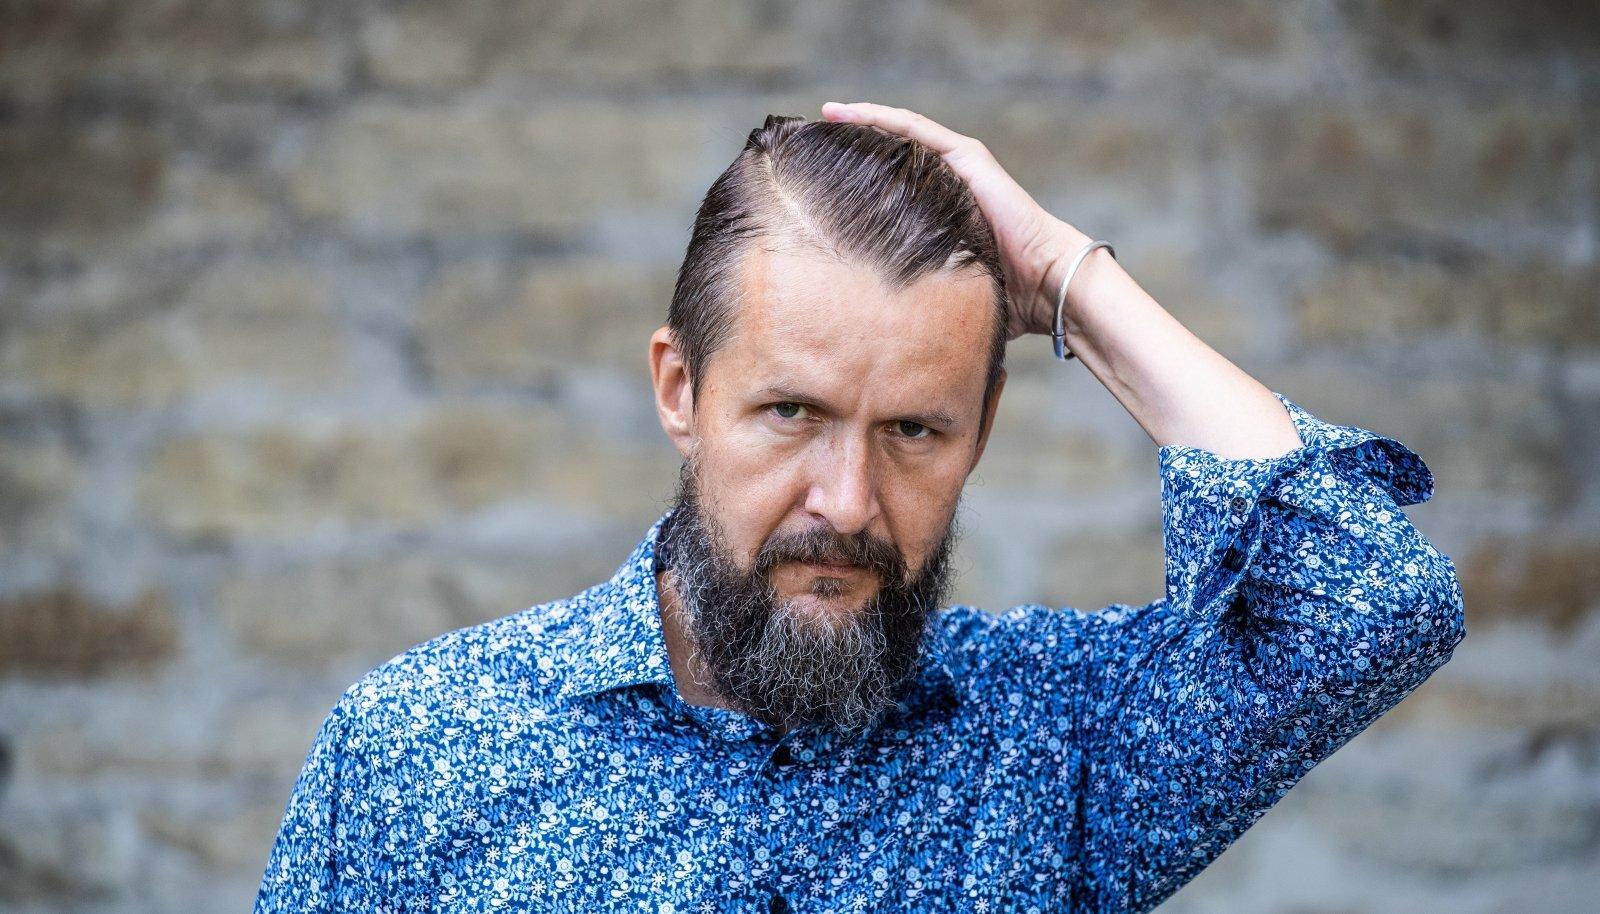 Soome suursaadikuks siirduva Sven Sakkovi sõnul on kahe hõimurahva side nii tugev, et seda ei väära ükski Eesti poliitiku sõnavõtt.